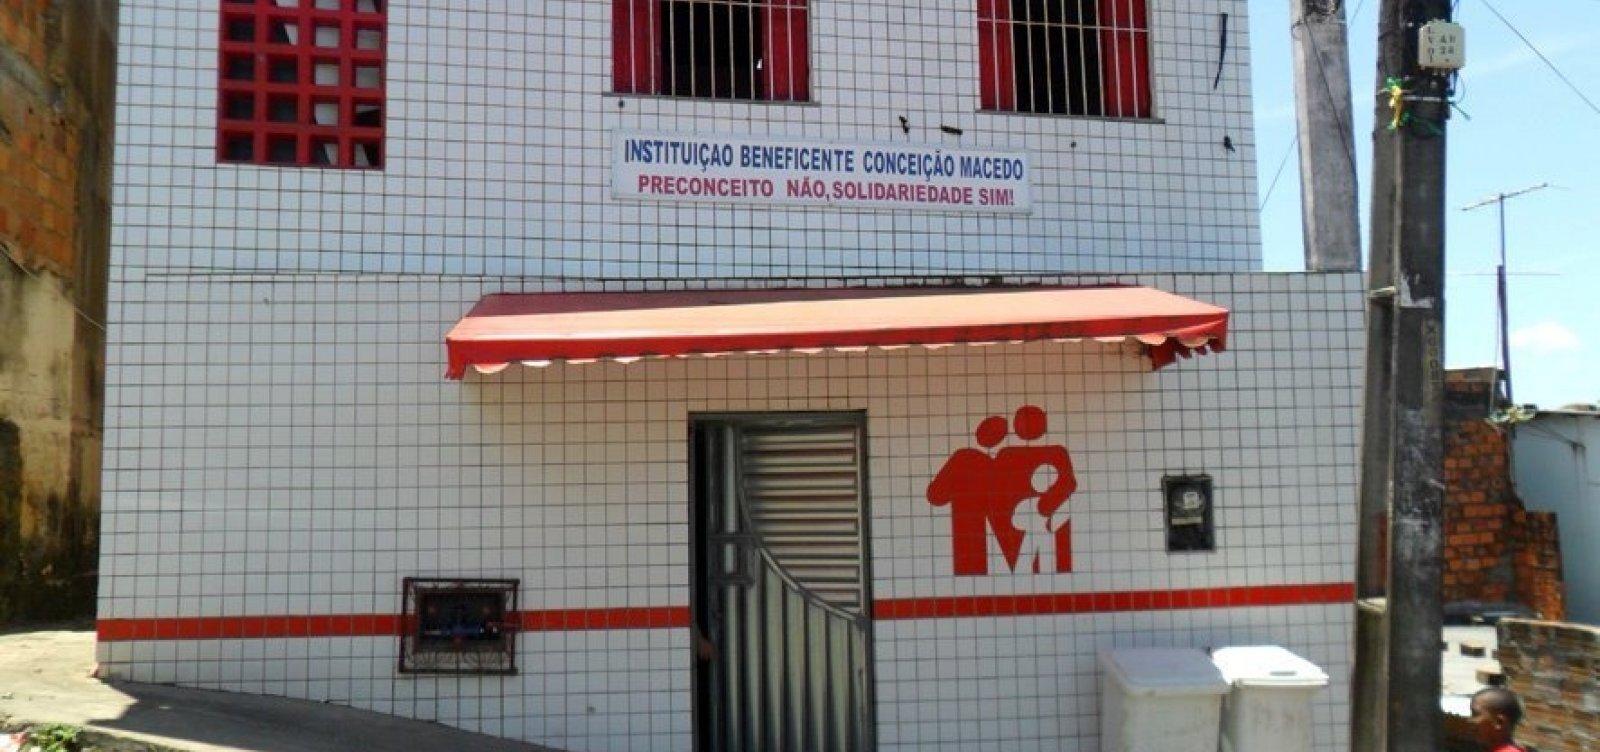 Criminosos levam alimentos de instituição que cuida de crianças com HIV; saiba como ajudar